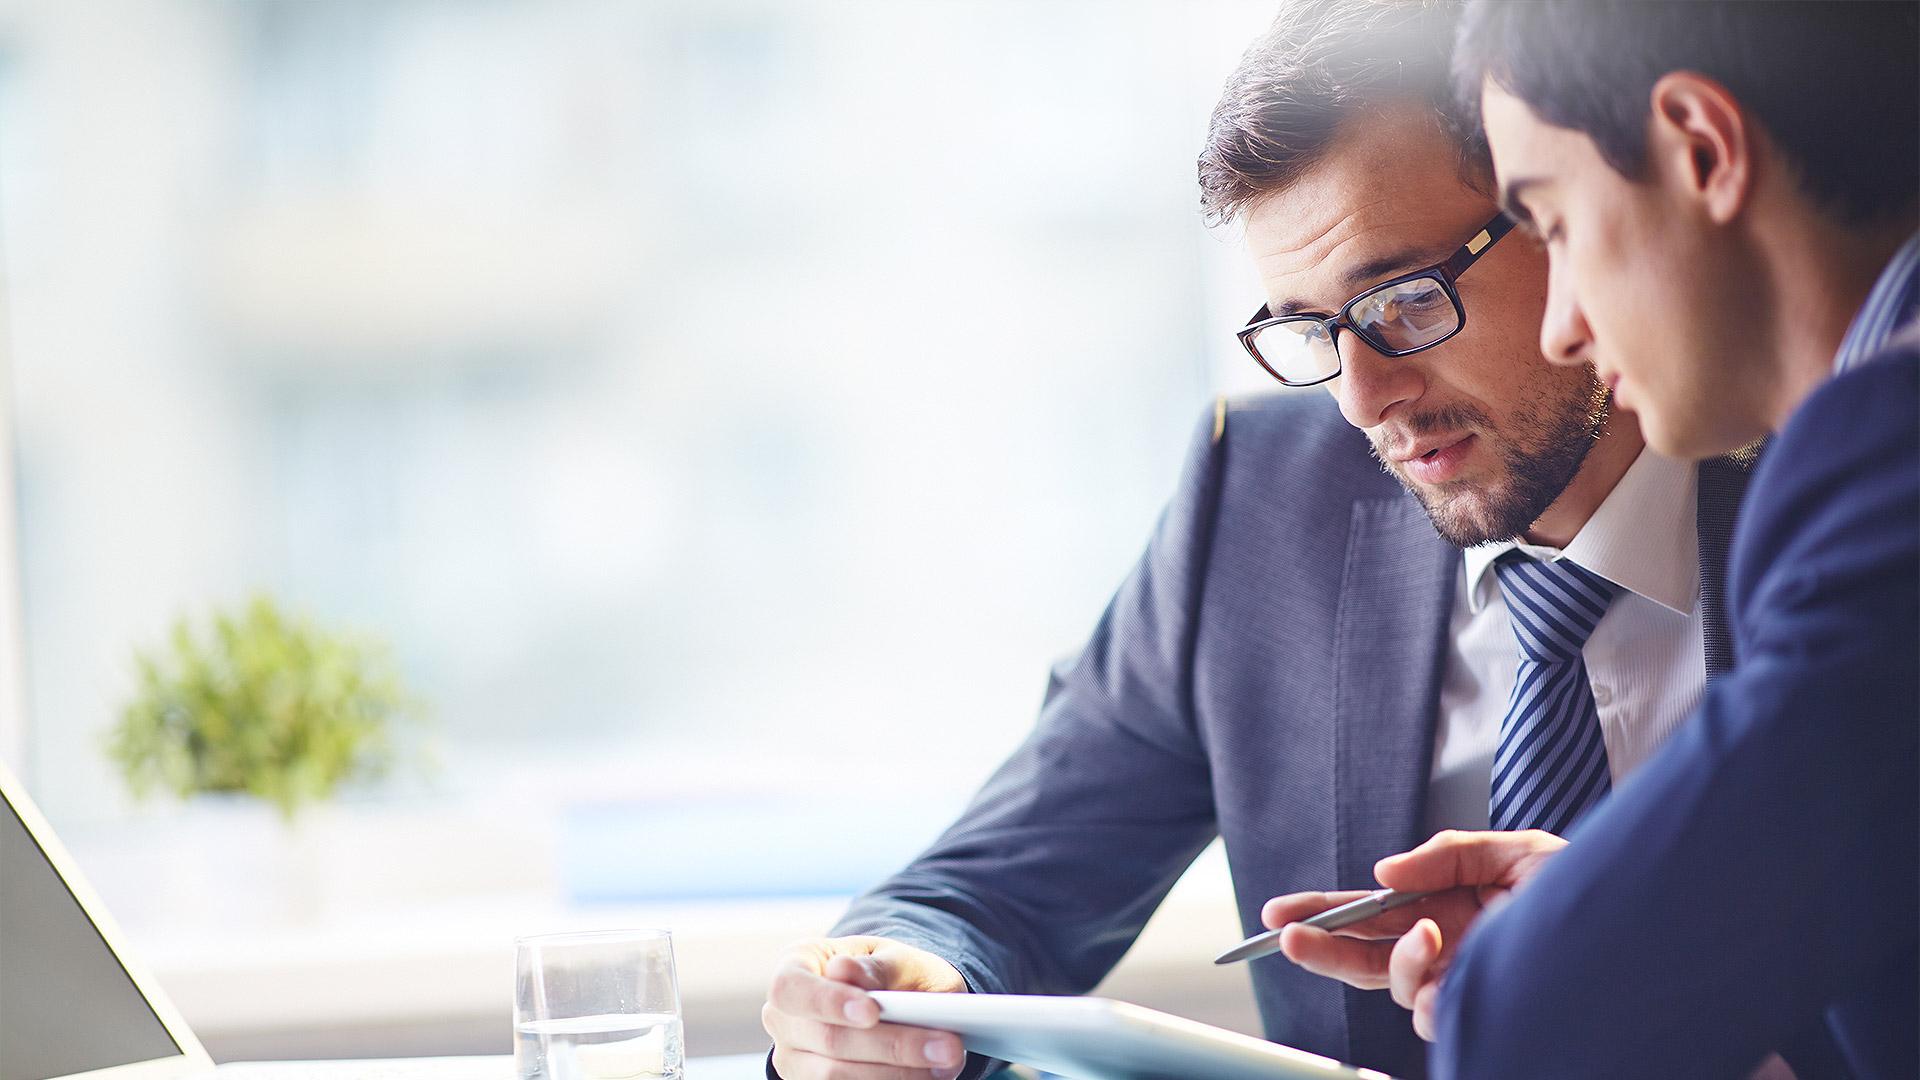 Zwei Männer im Anzug sitzen nebeneinander und schauen sich Ergebnisse an